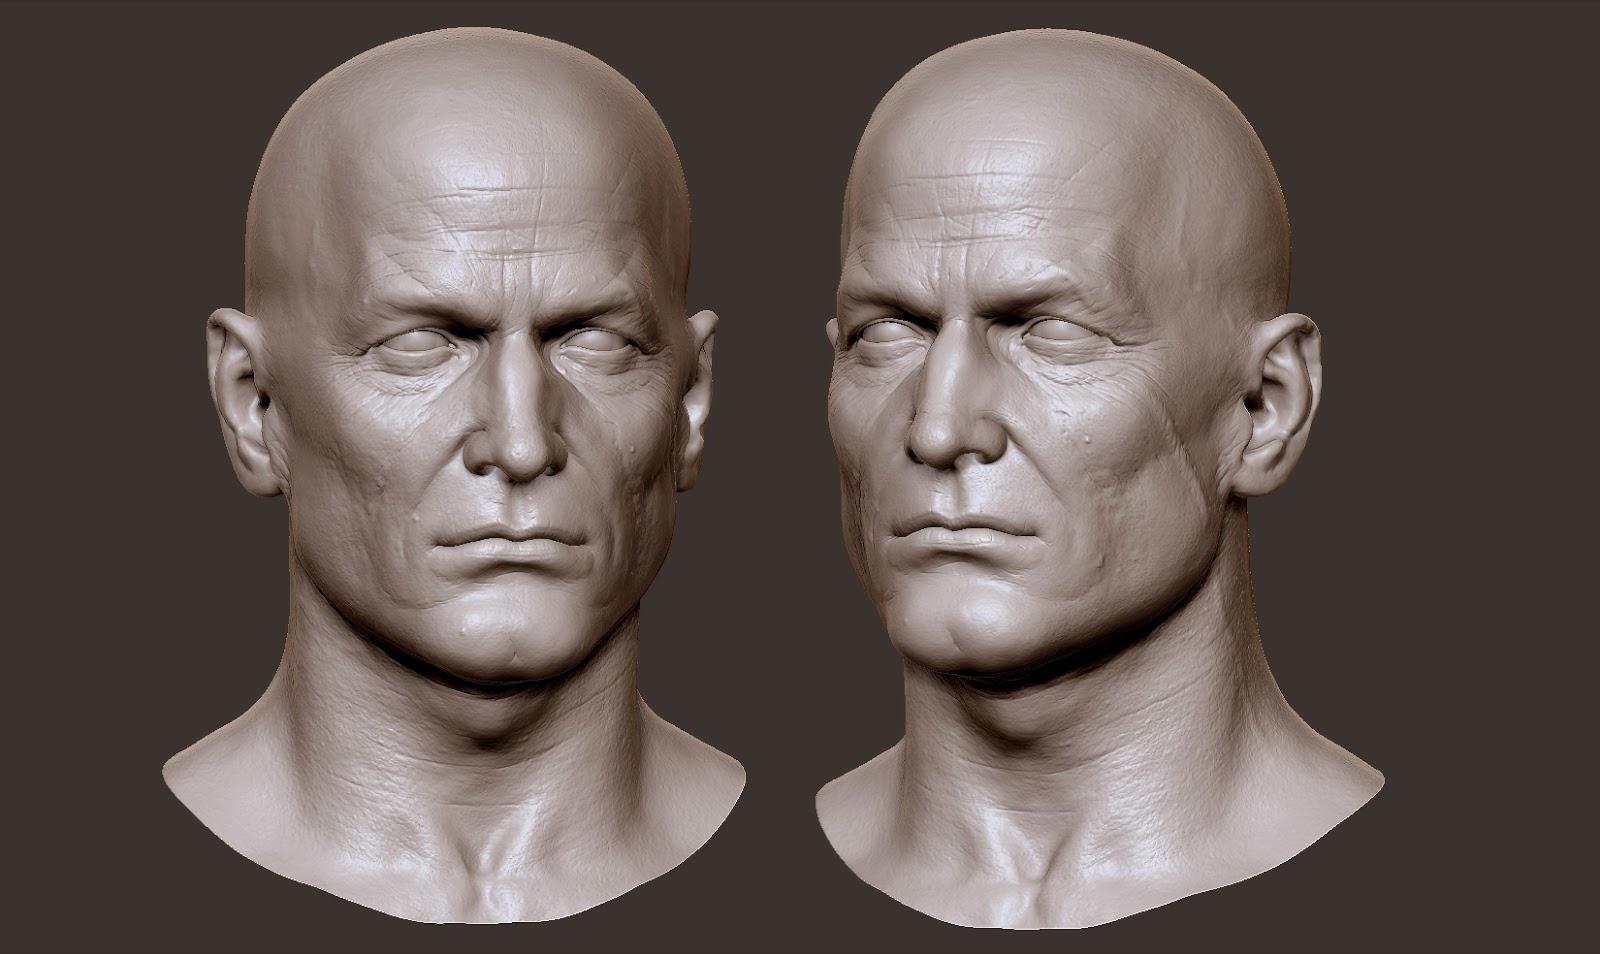 08_Update_HeadSculpt_.jpg